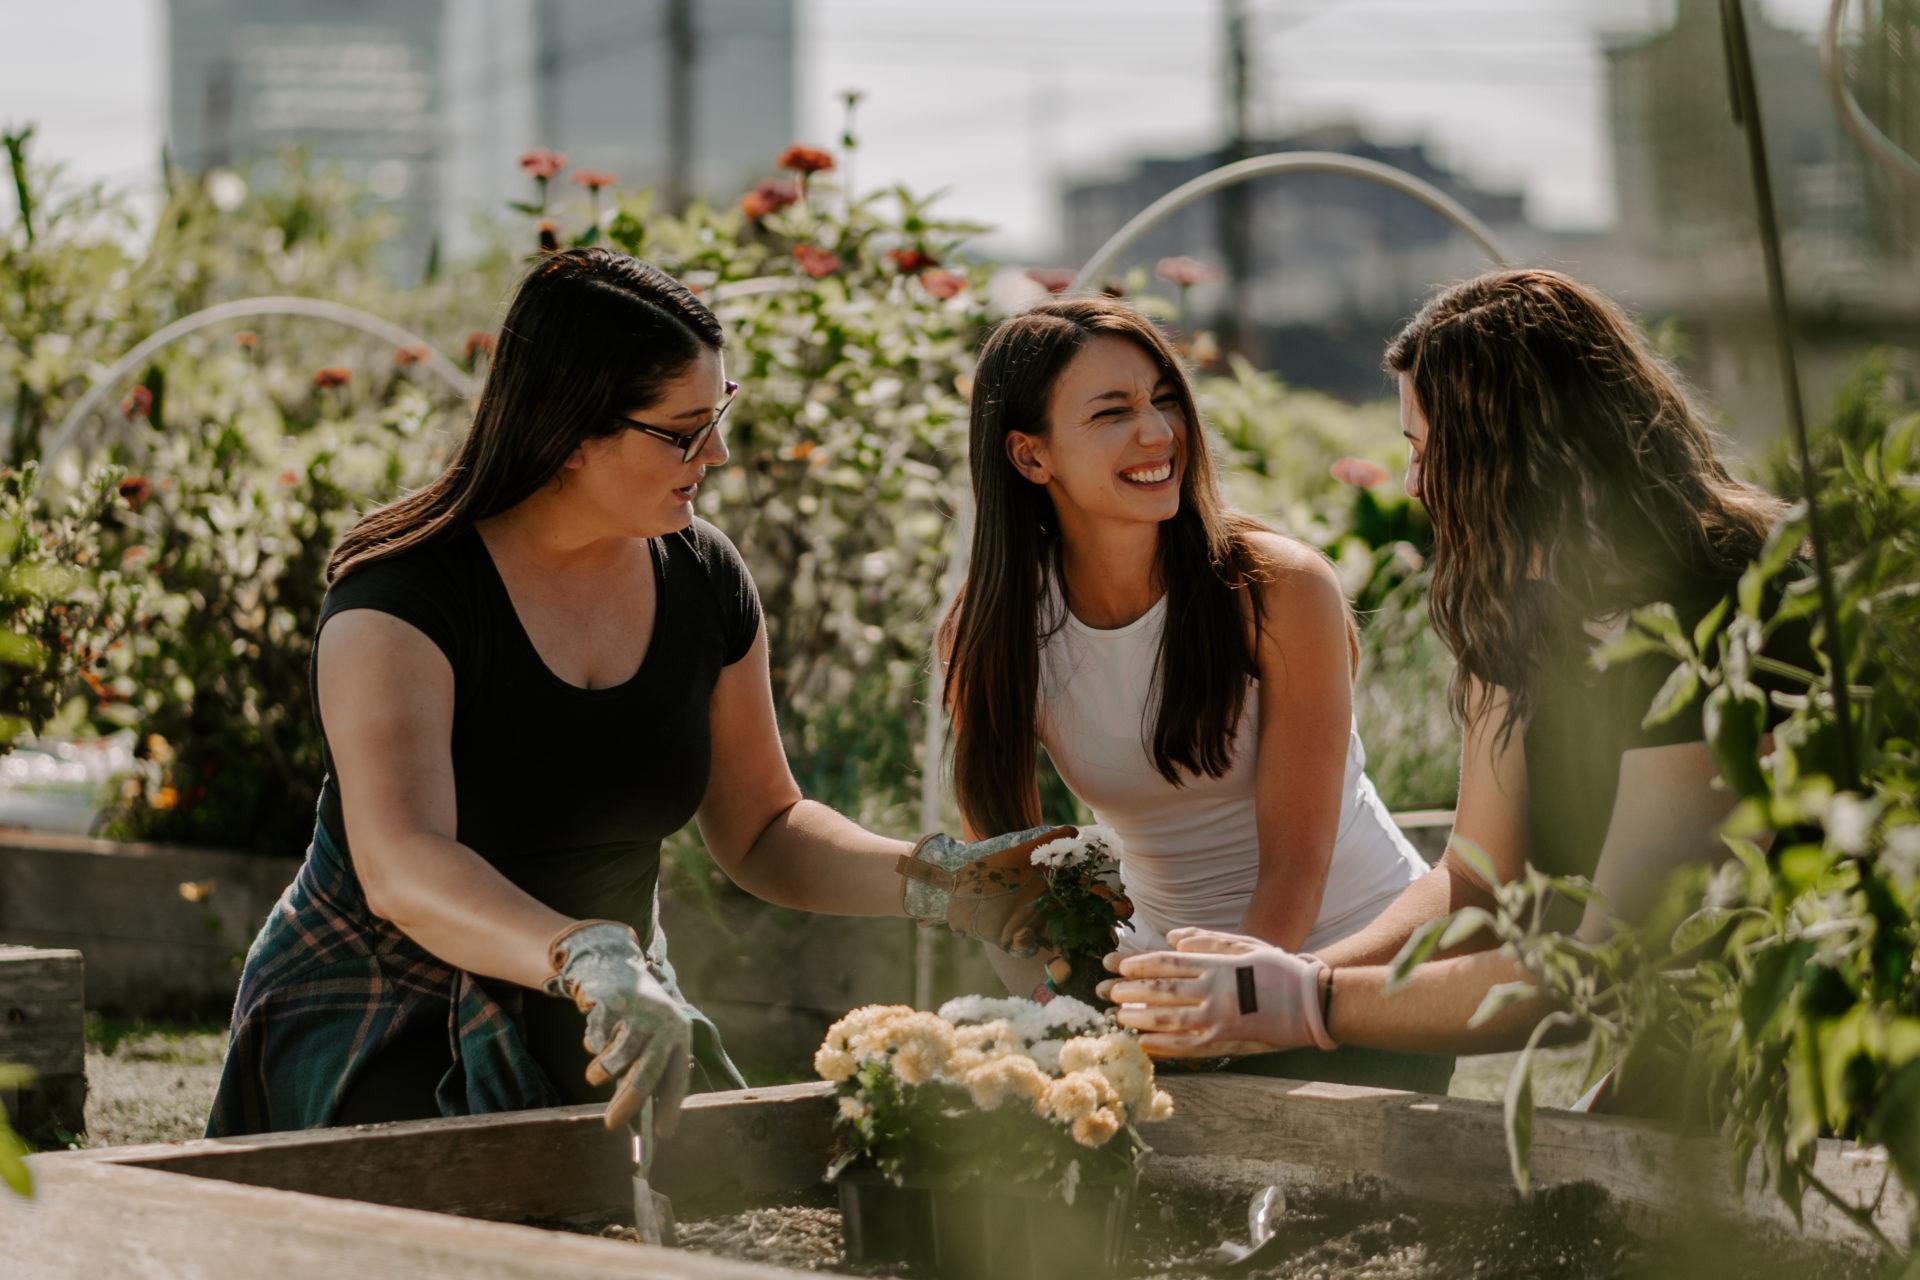 Danielle Dorsey Wellness Coaching Community Gardening